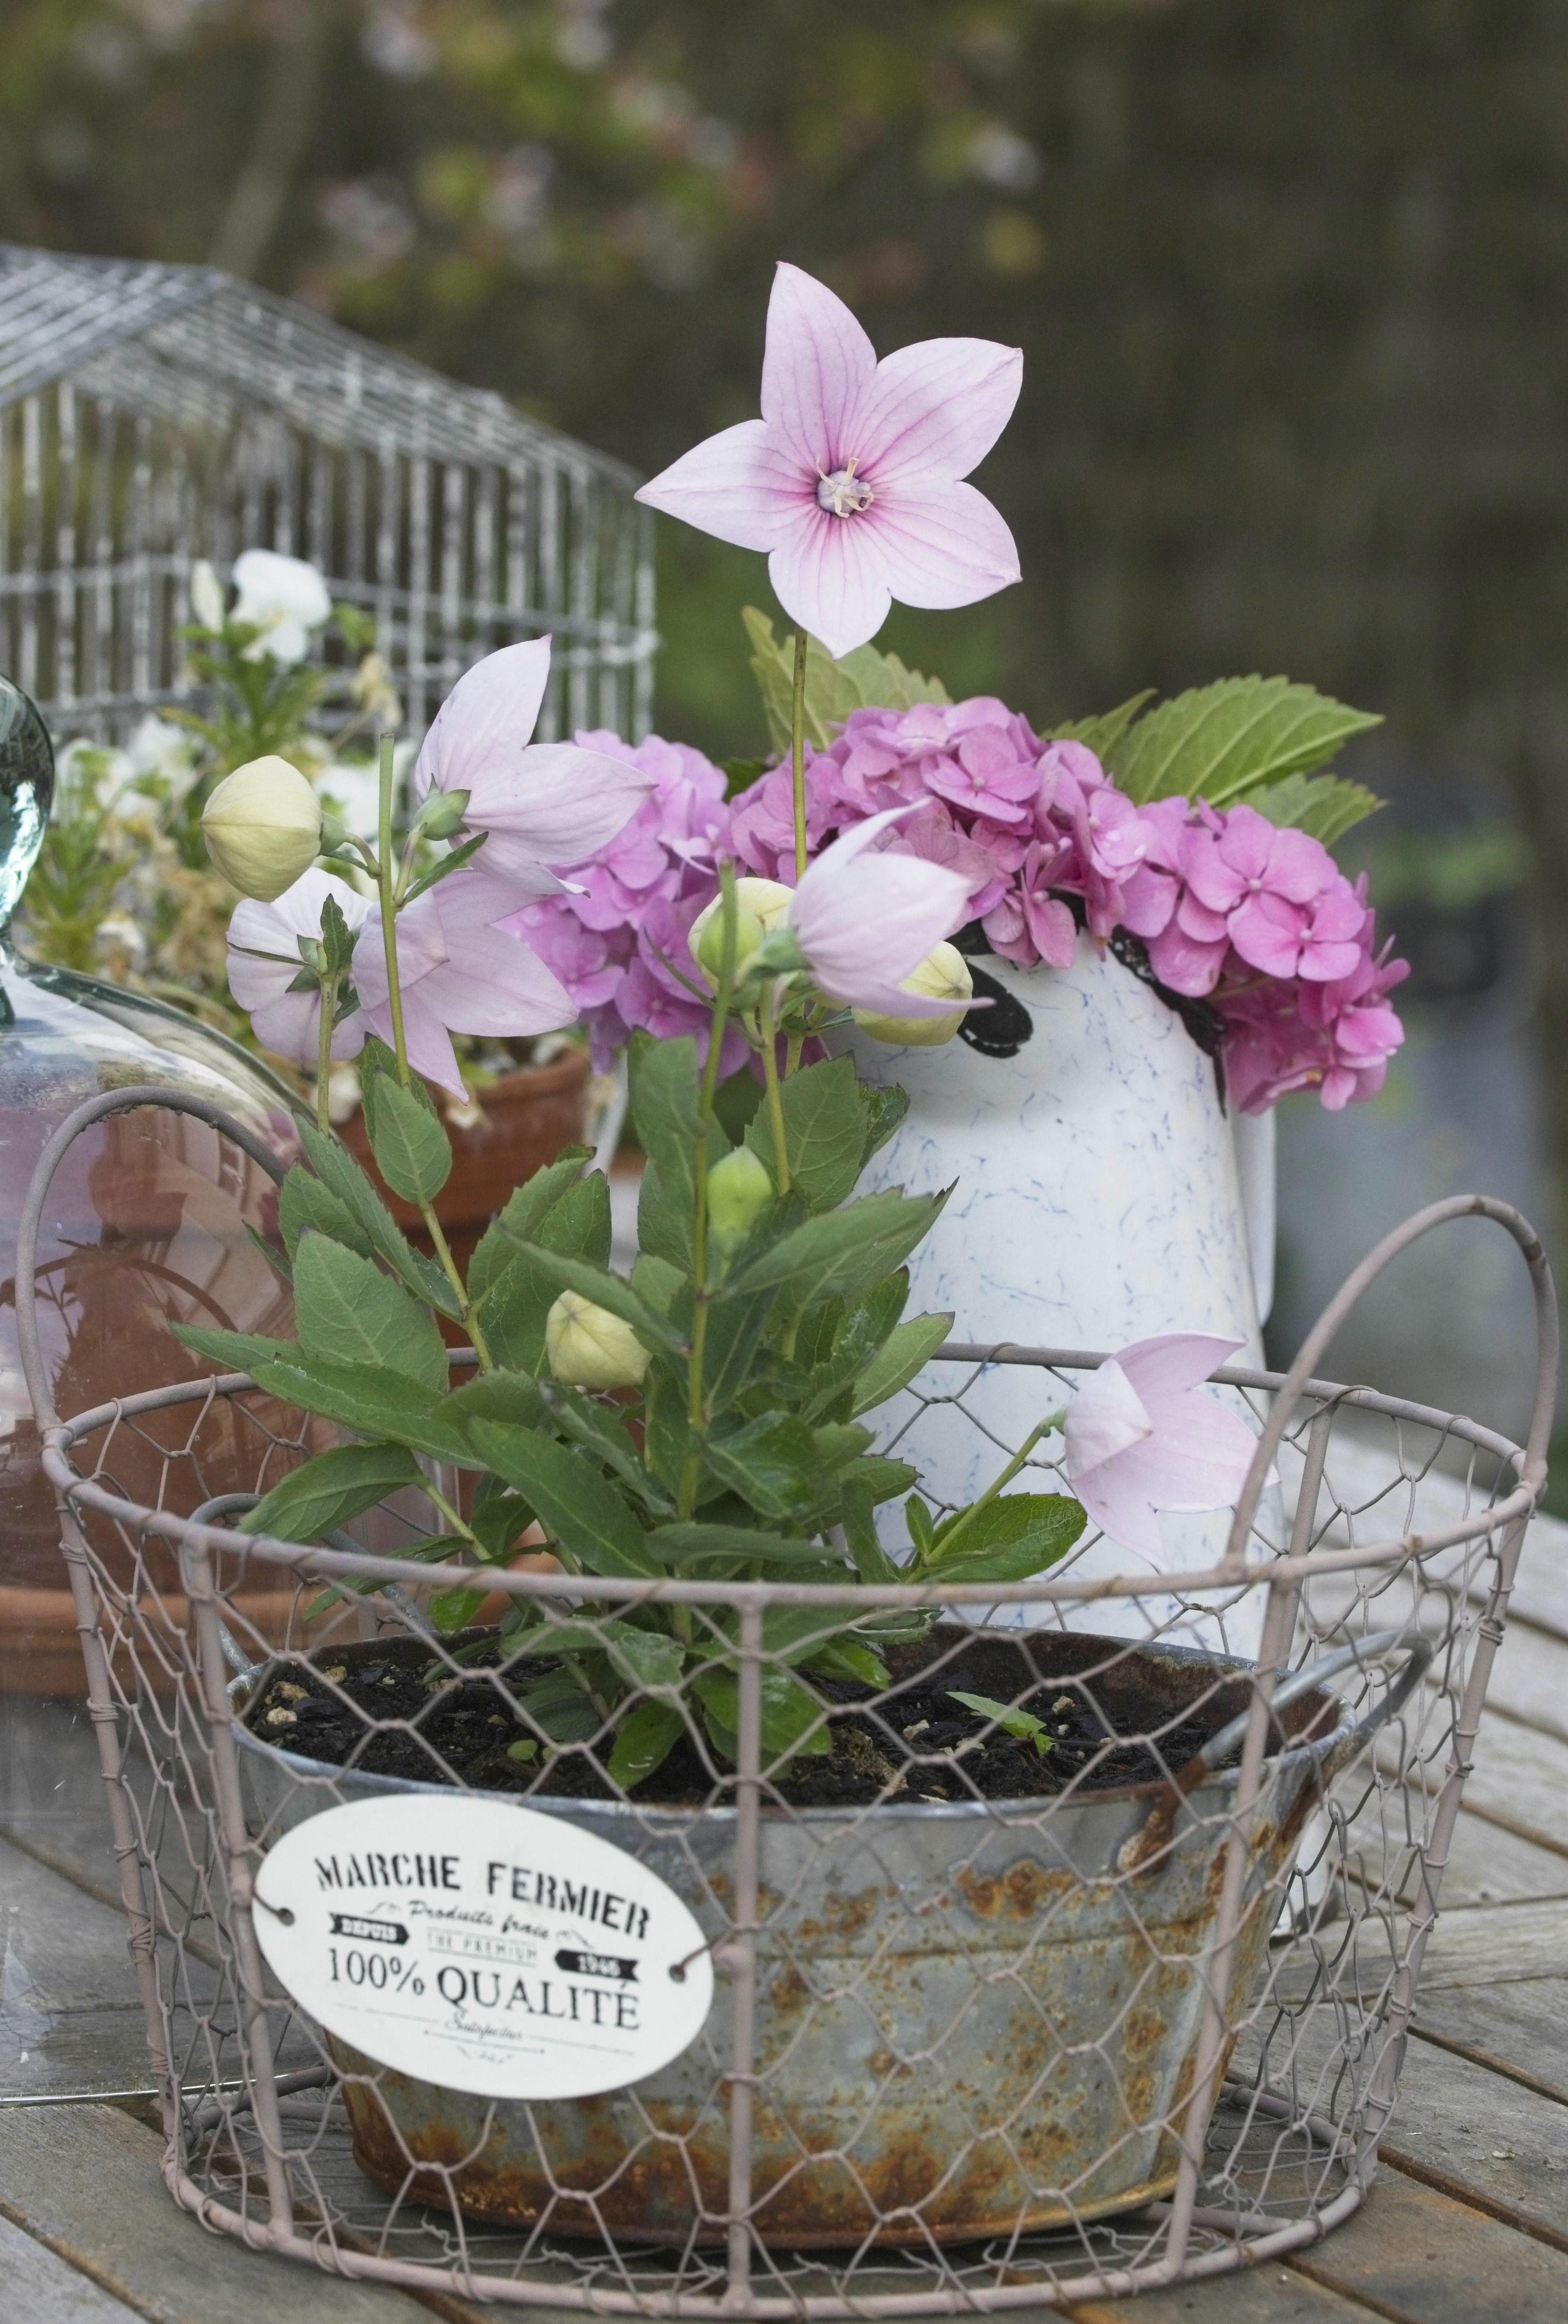 Comment embellir son jardin en hiver recyclez vos objets